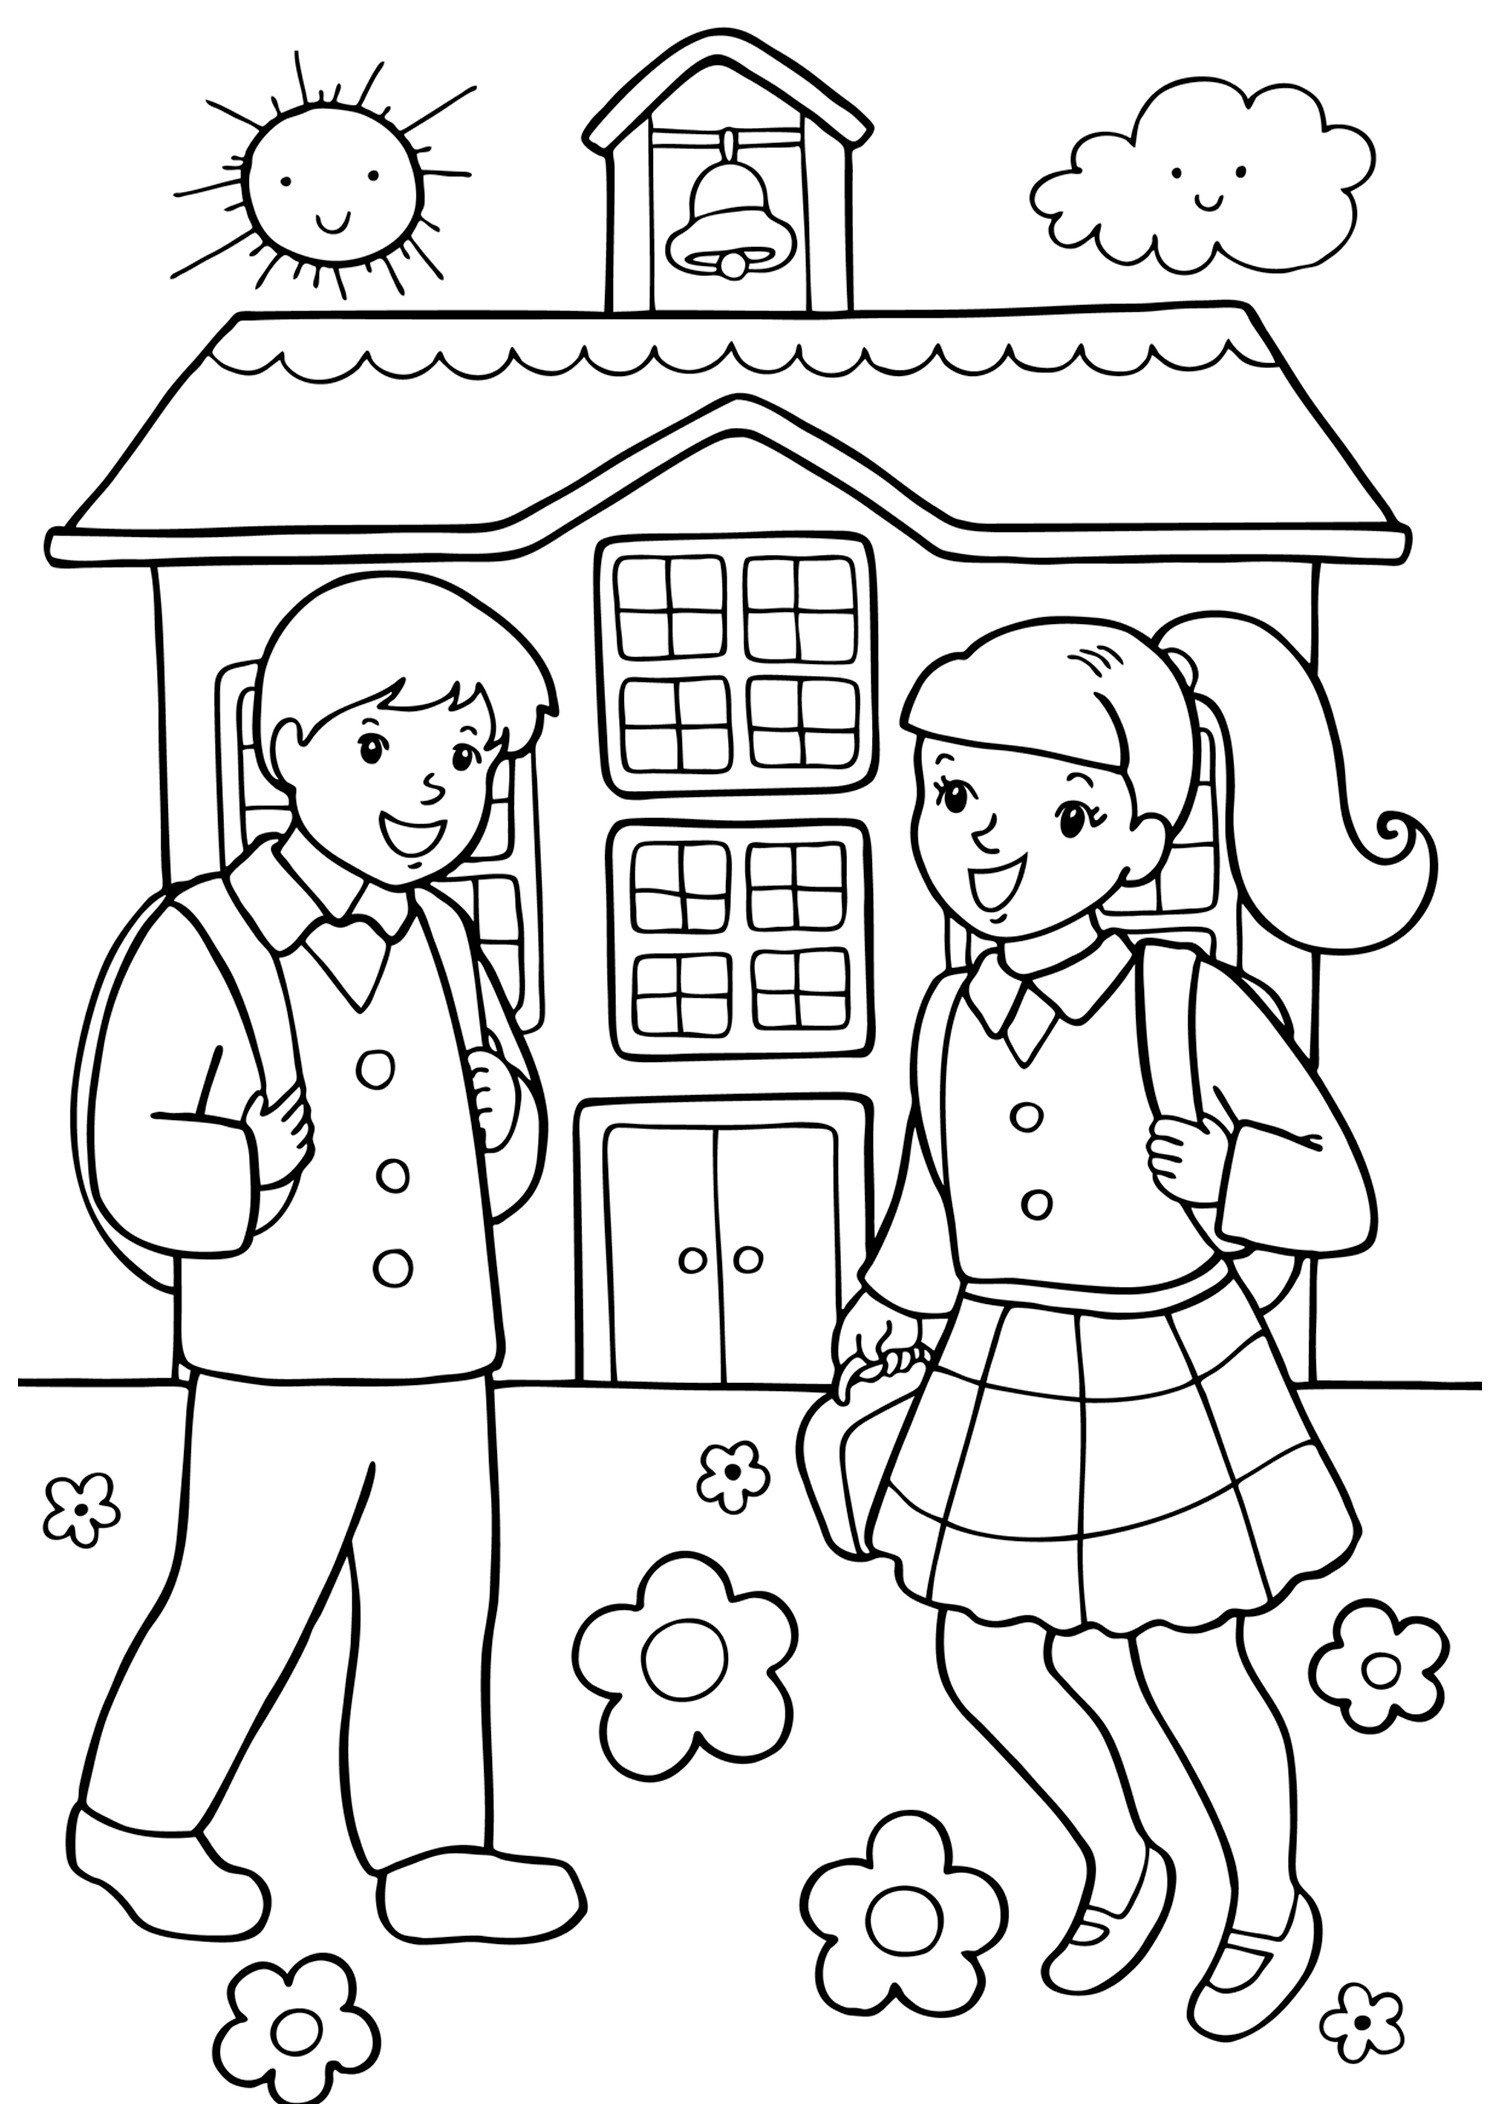 Картинка для раскраски «Первоклассники»